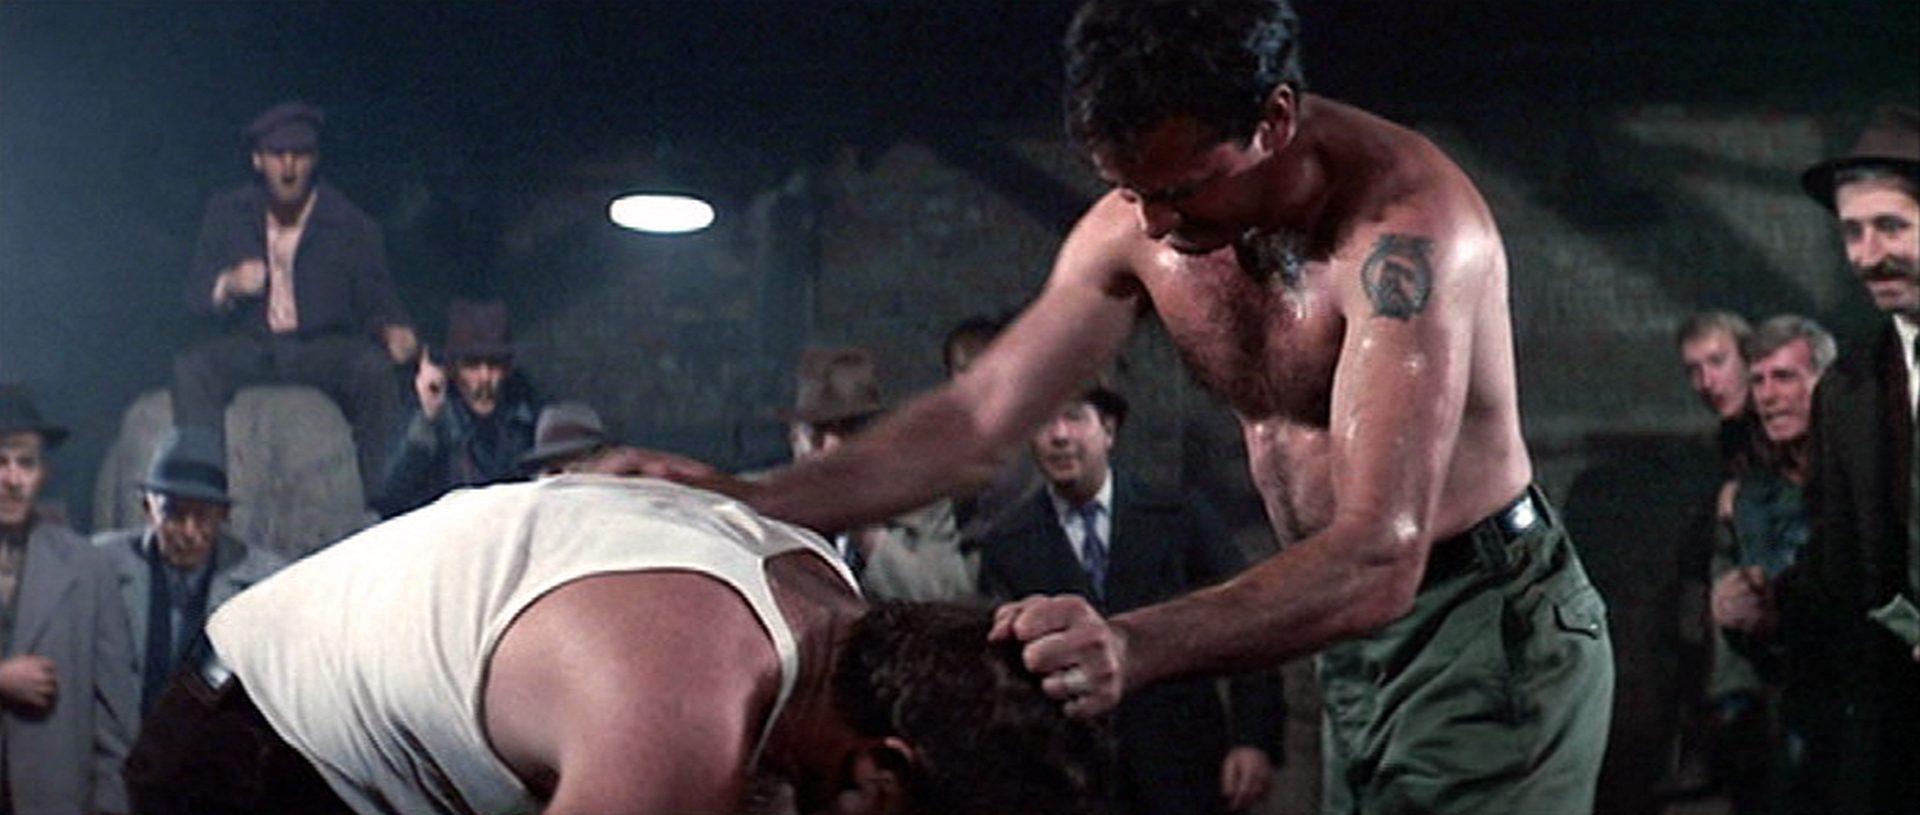 Ruppige Gewalt in einer Faustkampfszene.